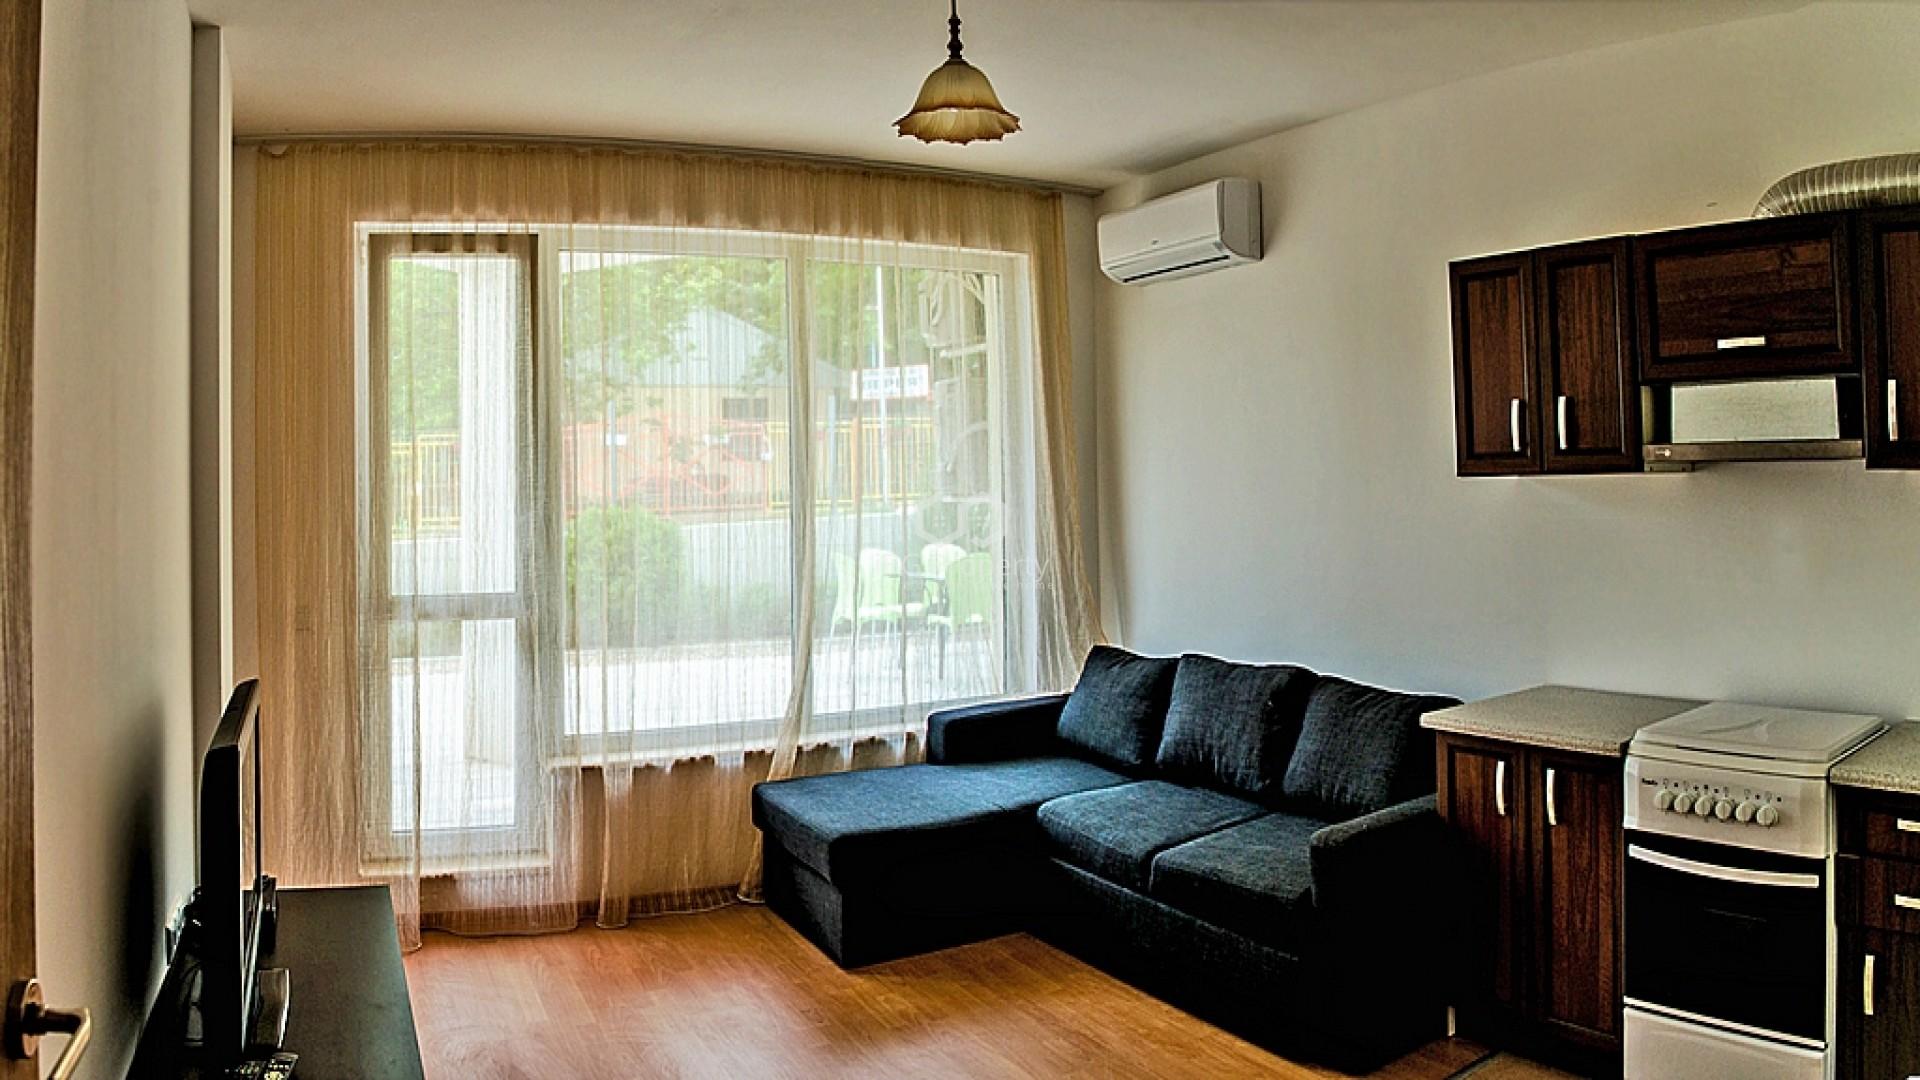 Двухкомнатная квартира Бяла 79 m2